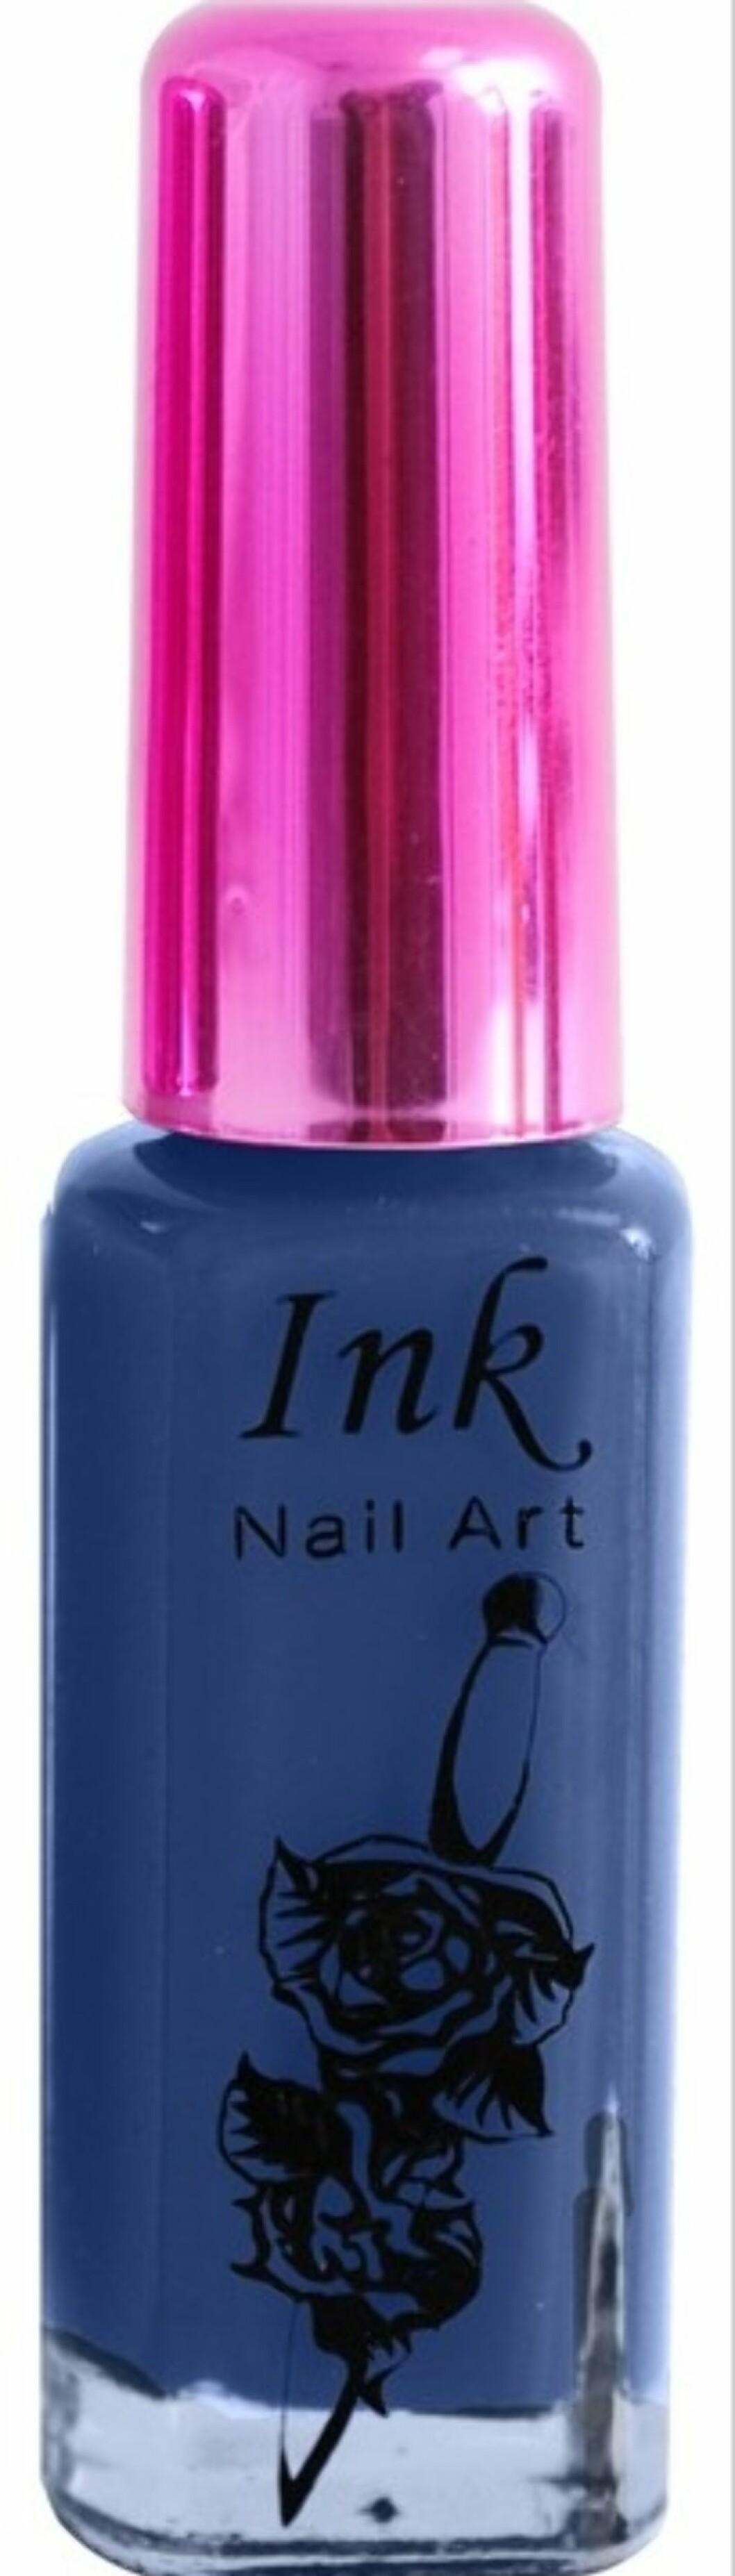 Matt, blå lakk fra Ink (kr.89/Blush.no). Foto: Produsenten